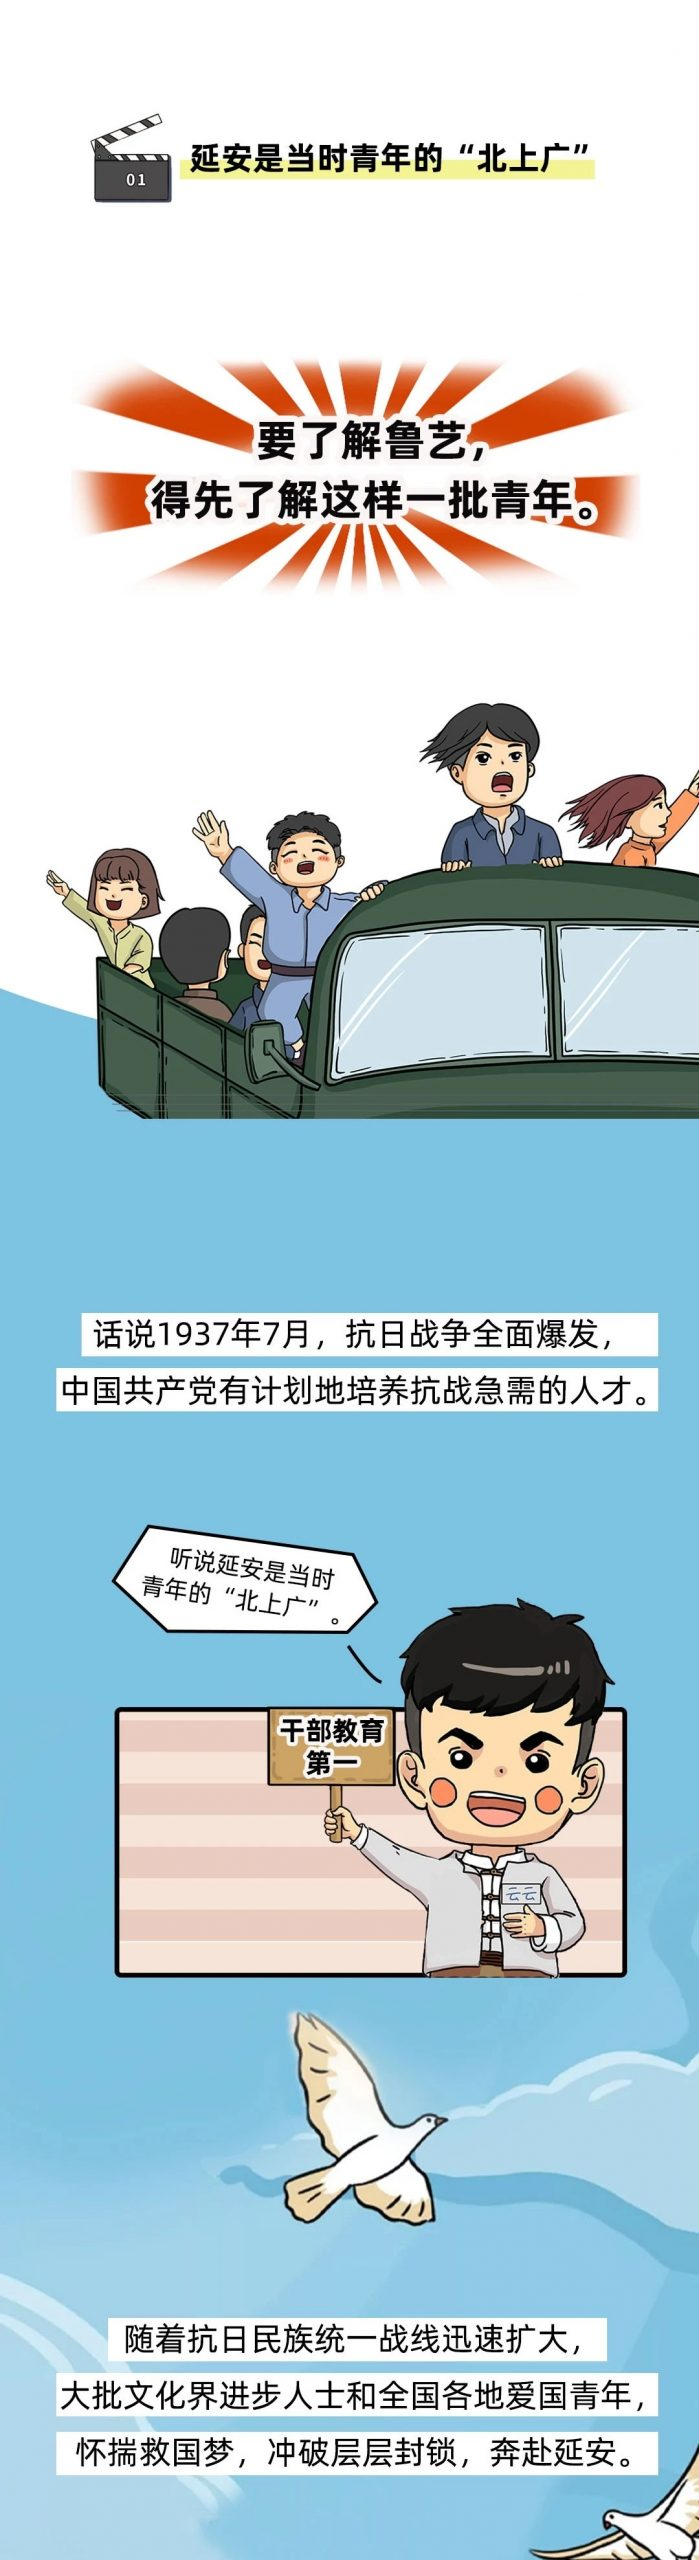 关于鲁艺,除了《黄河大合唱》,你还应该知道啥?